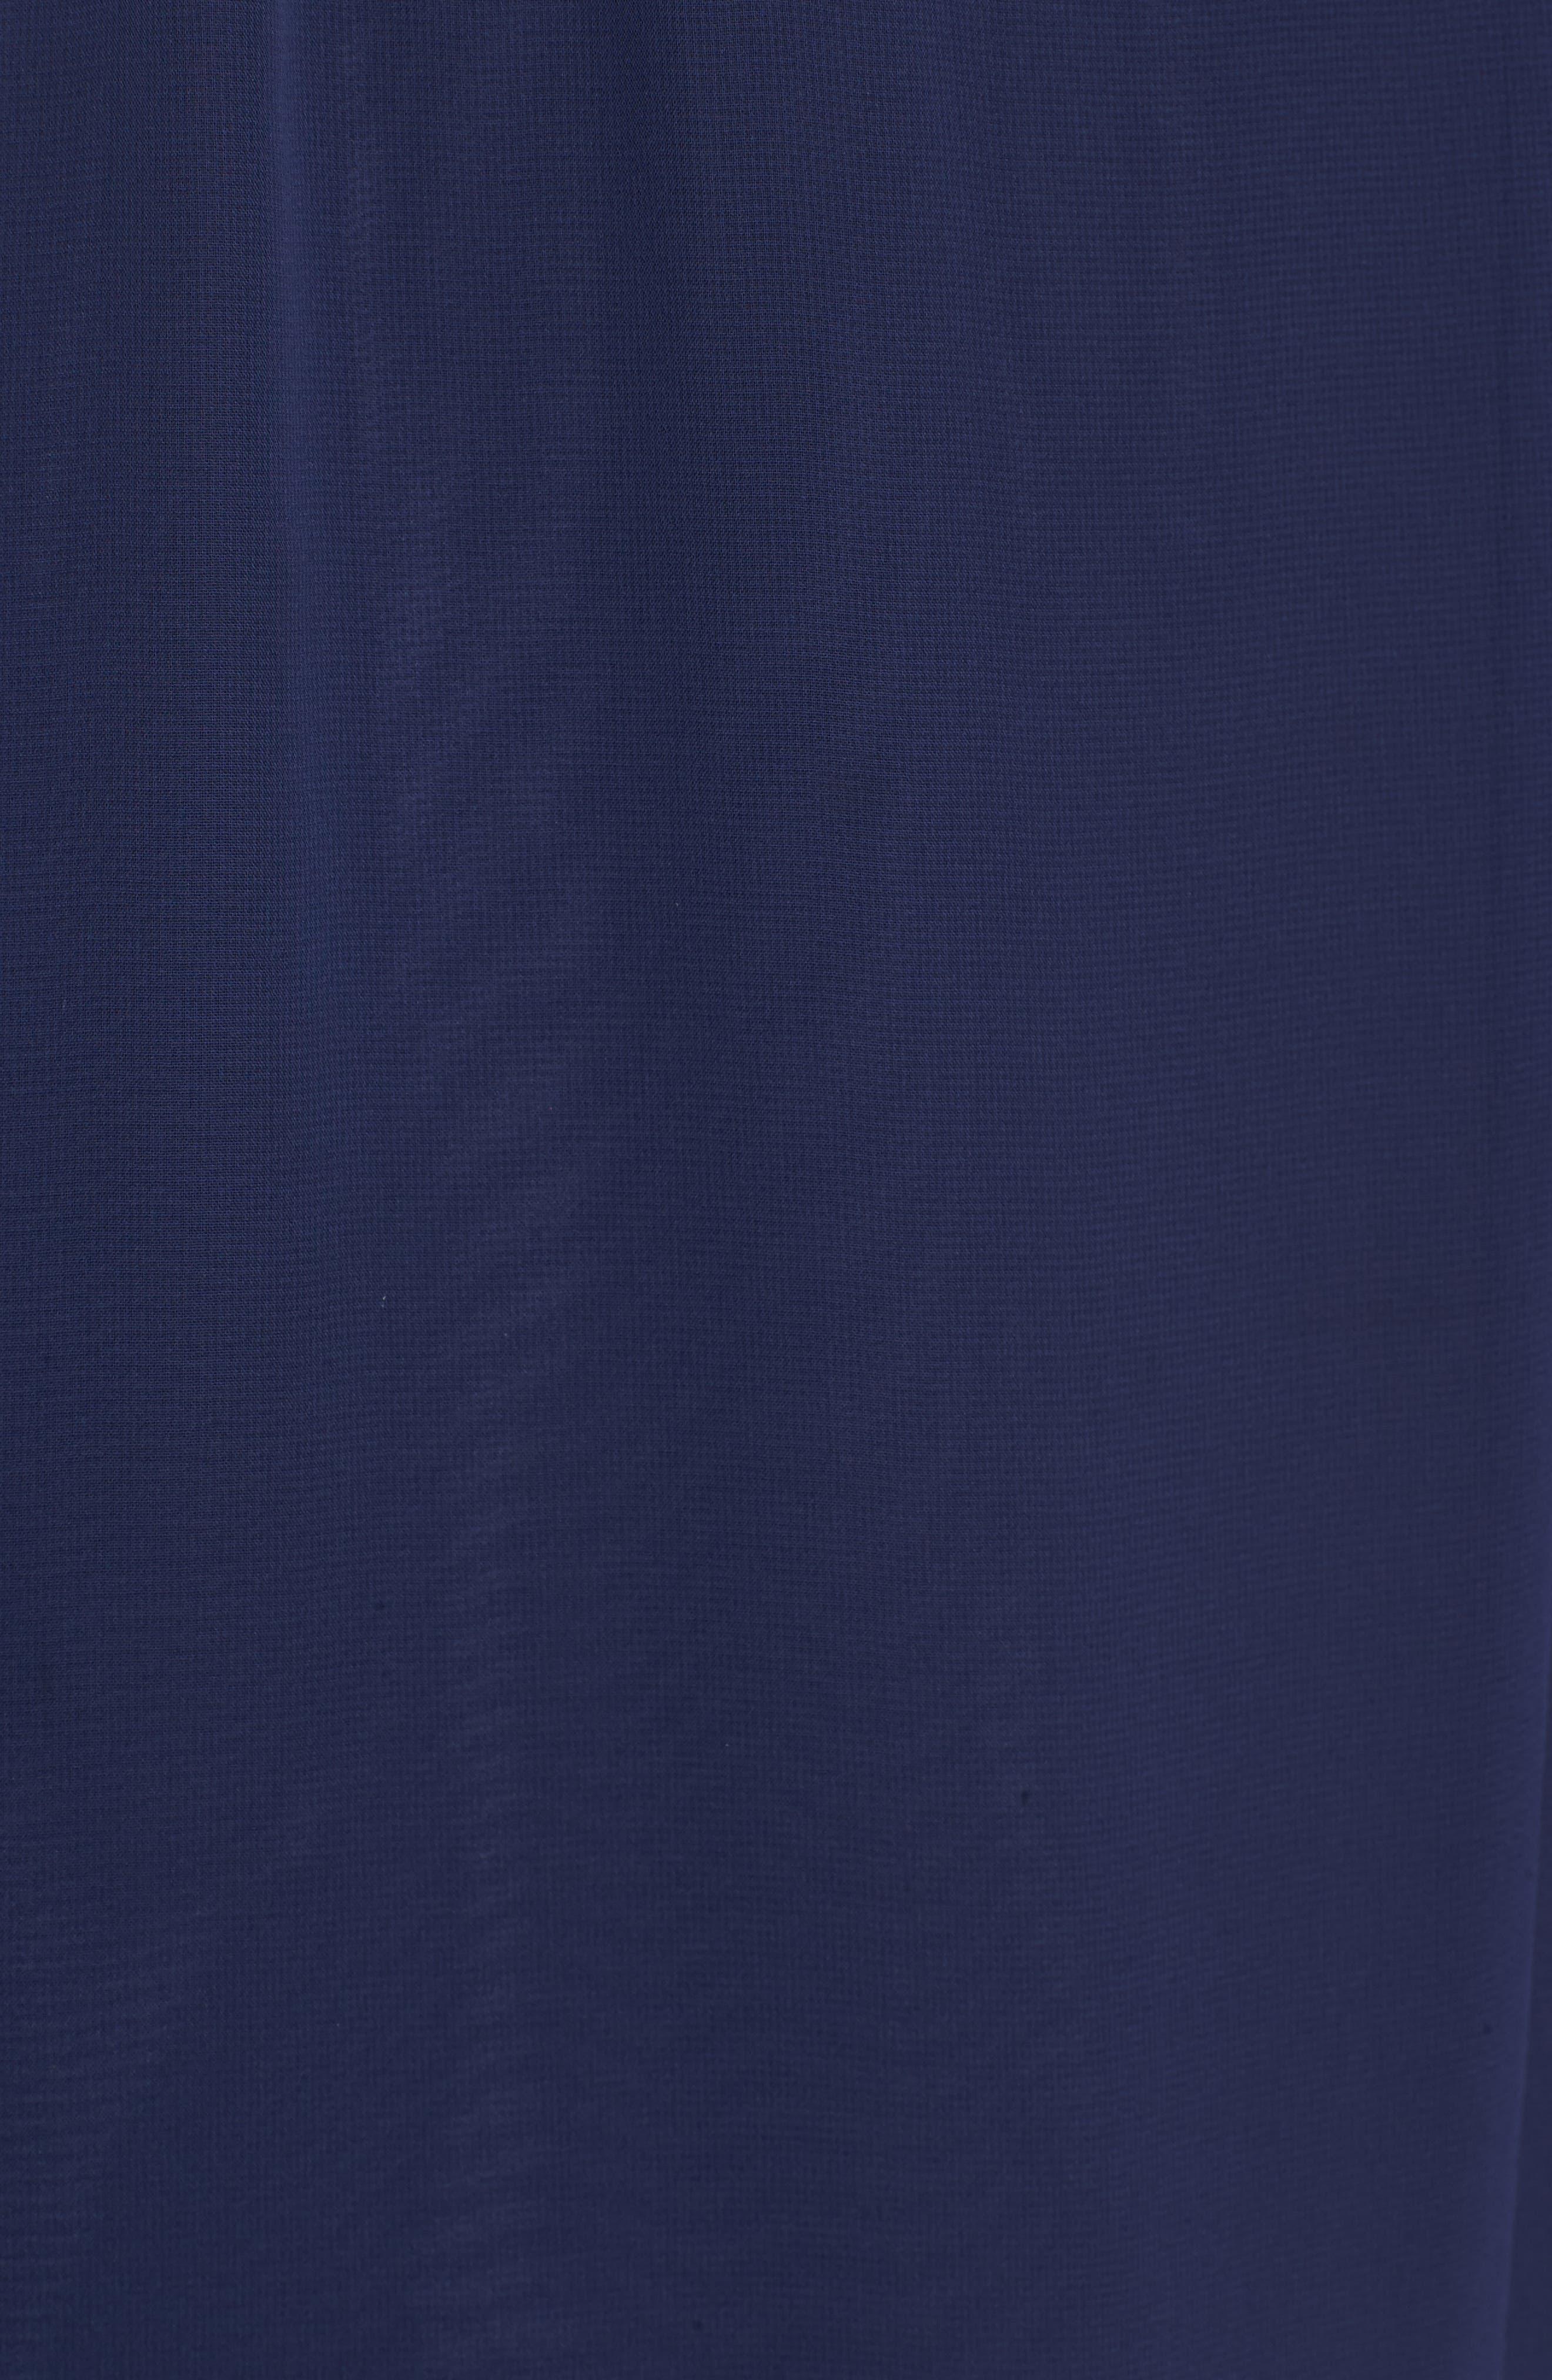 Sheer Overlay Tie Dress,                             Alternate thumbnail 5, color,                             Breton Blue